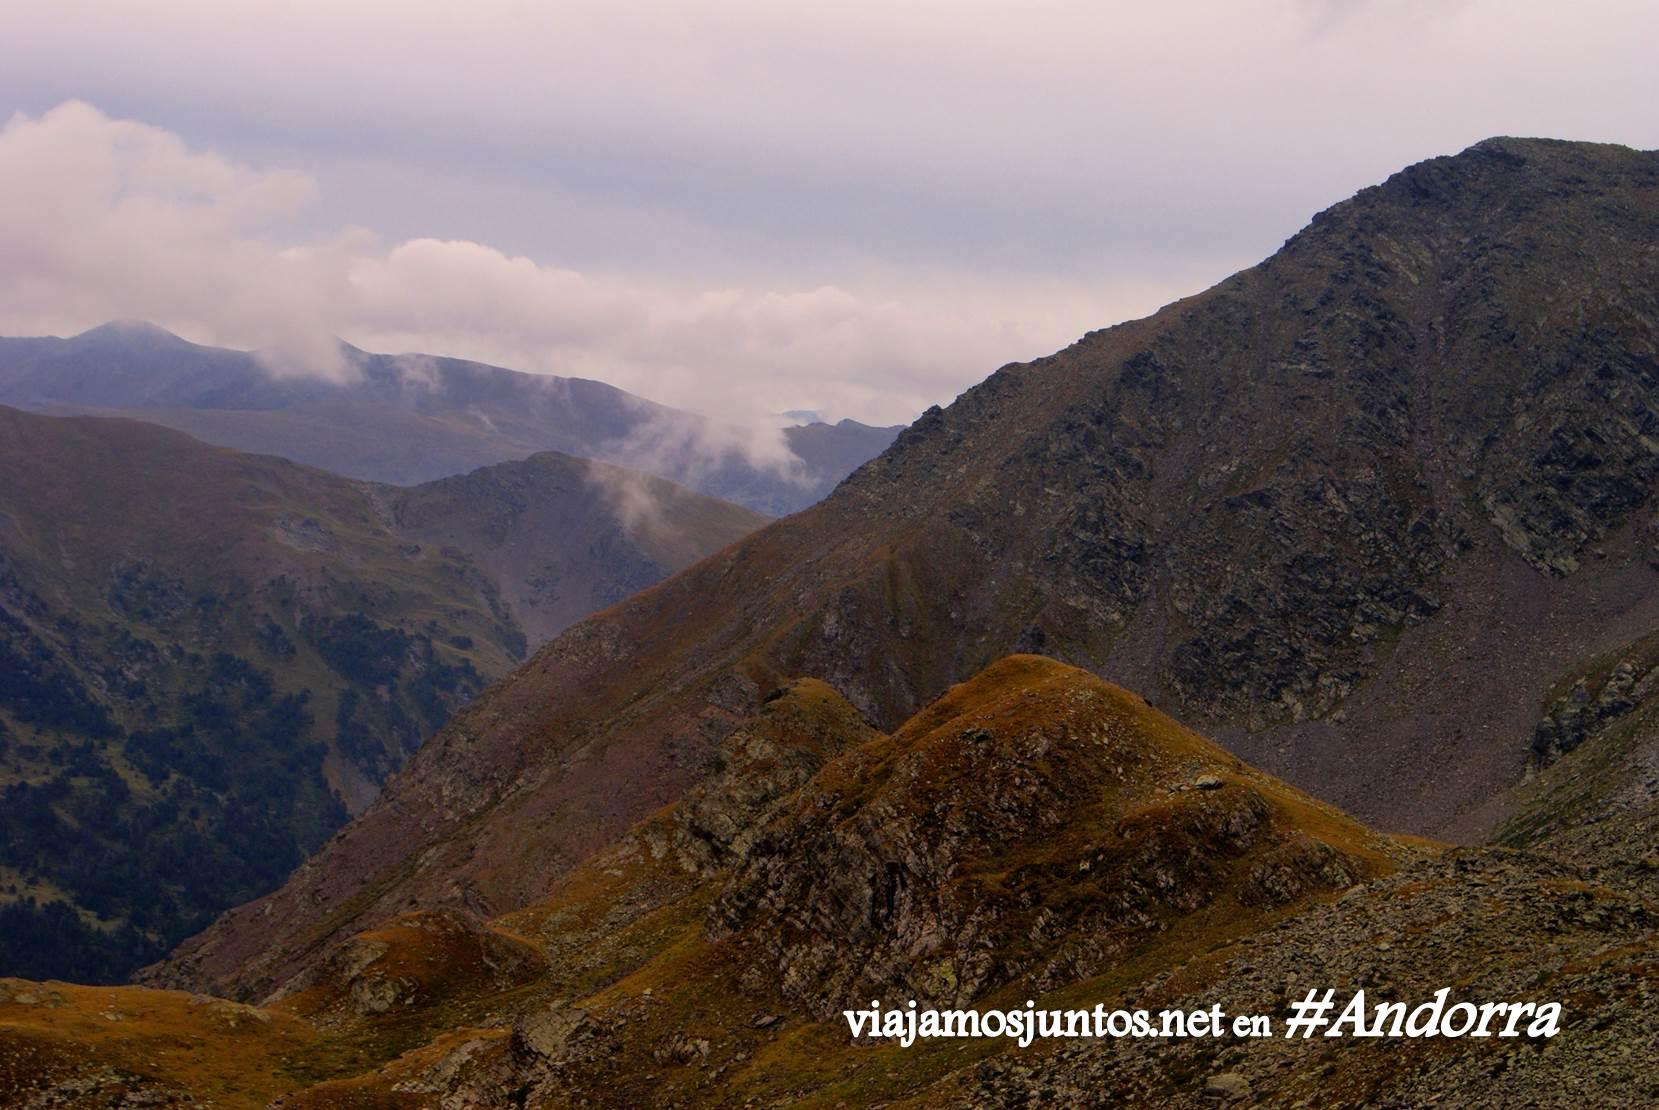 GRP de Andorra, trekking por los Pirineos Orientales; niebla y nubes entre las simas